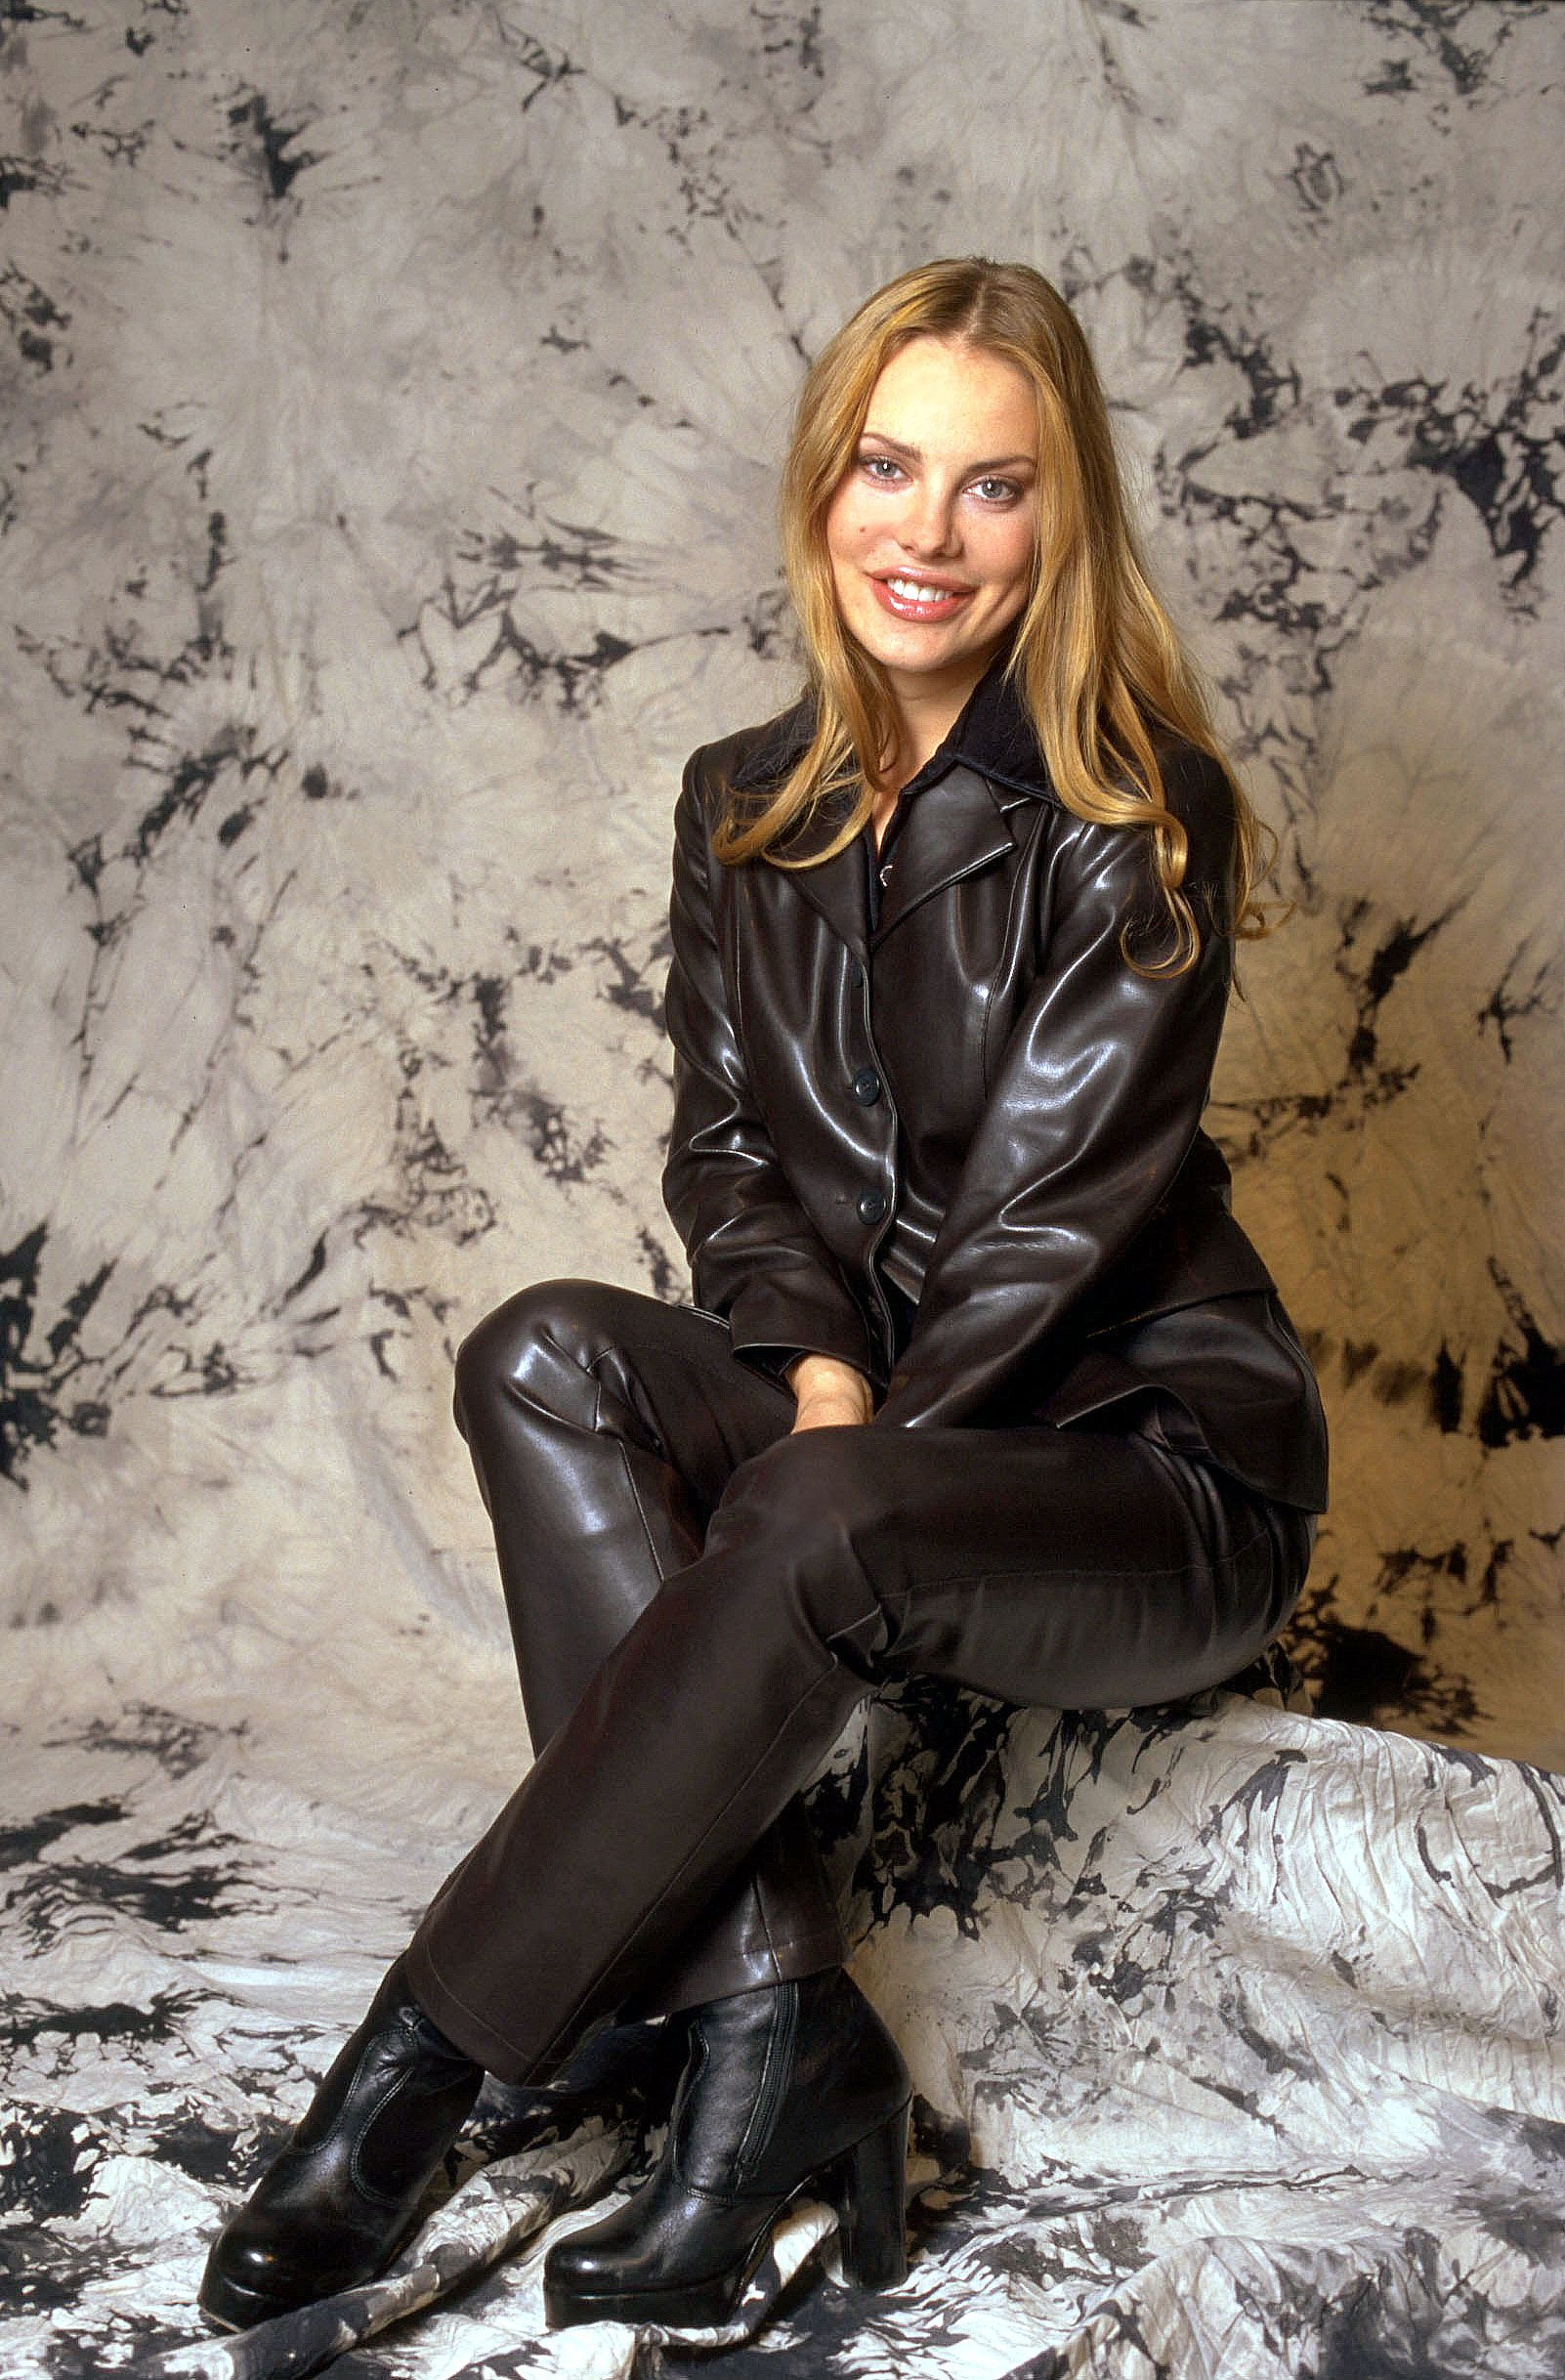 Эротическое фото женщин в кожаной одежде 22 фотография